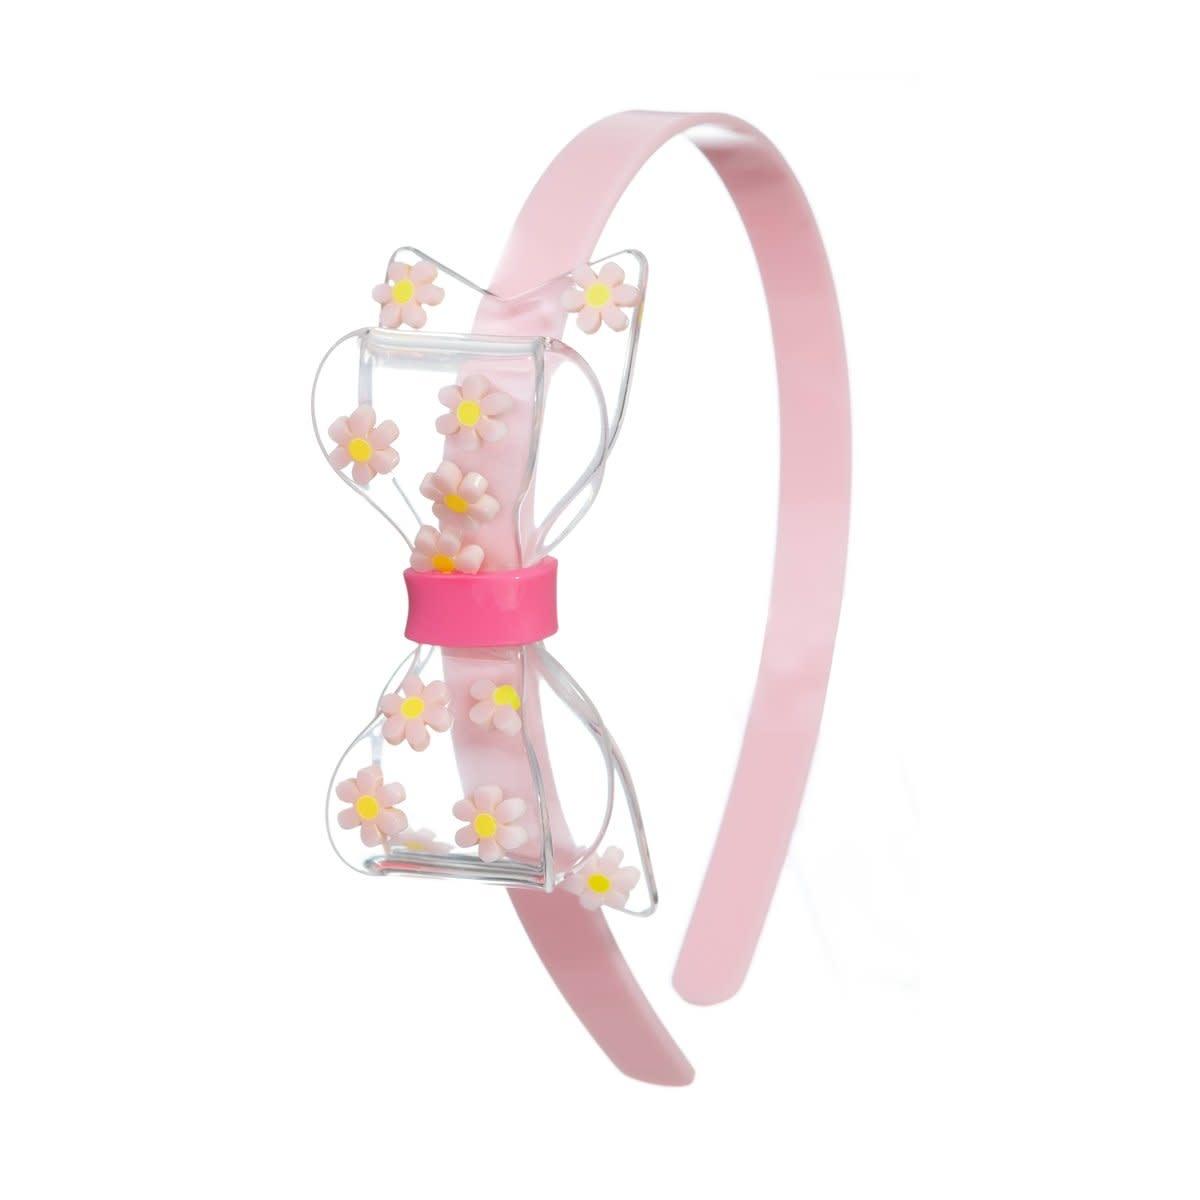 lilies&roses Pink Daisy Bow Headband